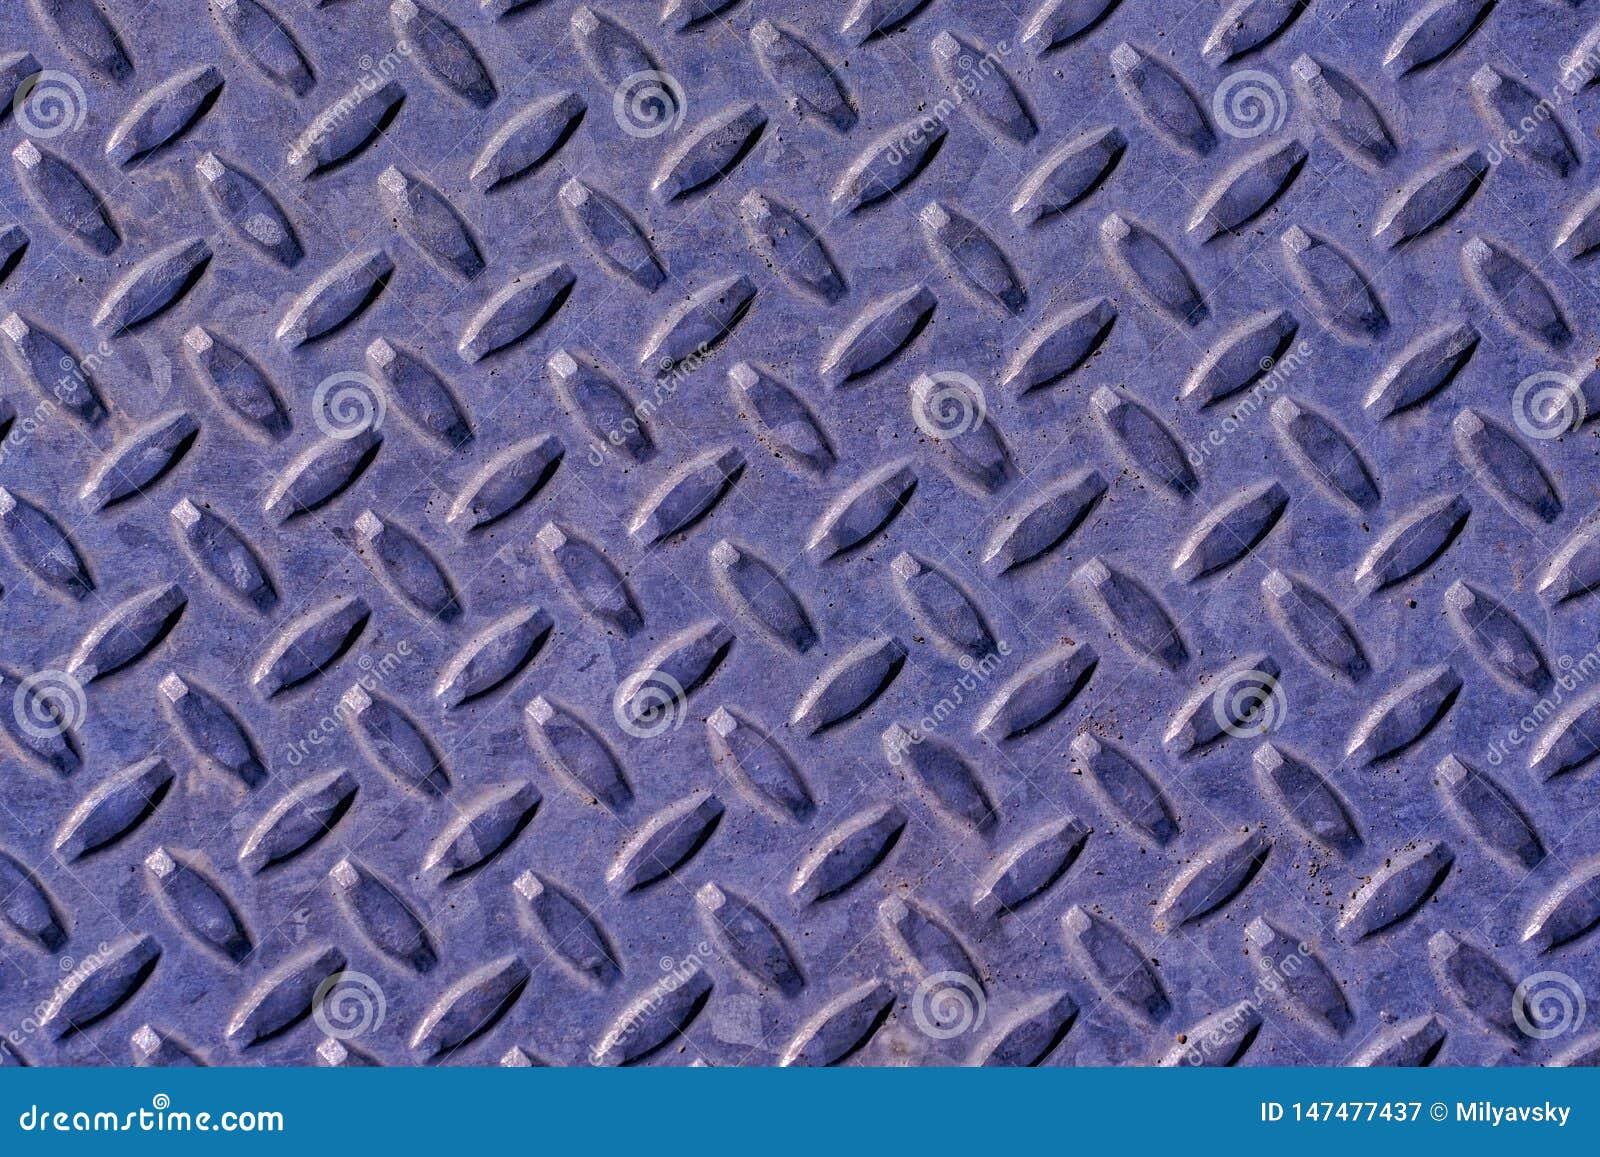 Массивная гальванизированная текстура металлического листа